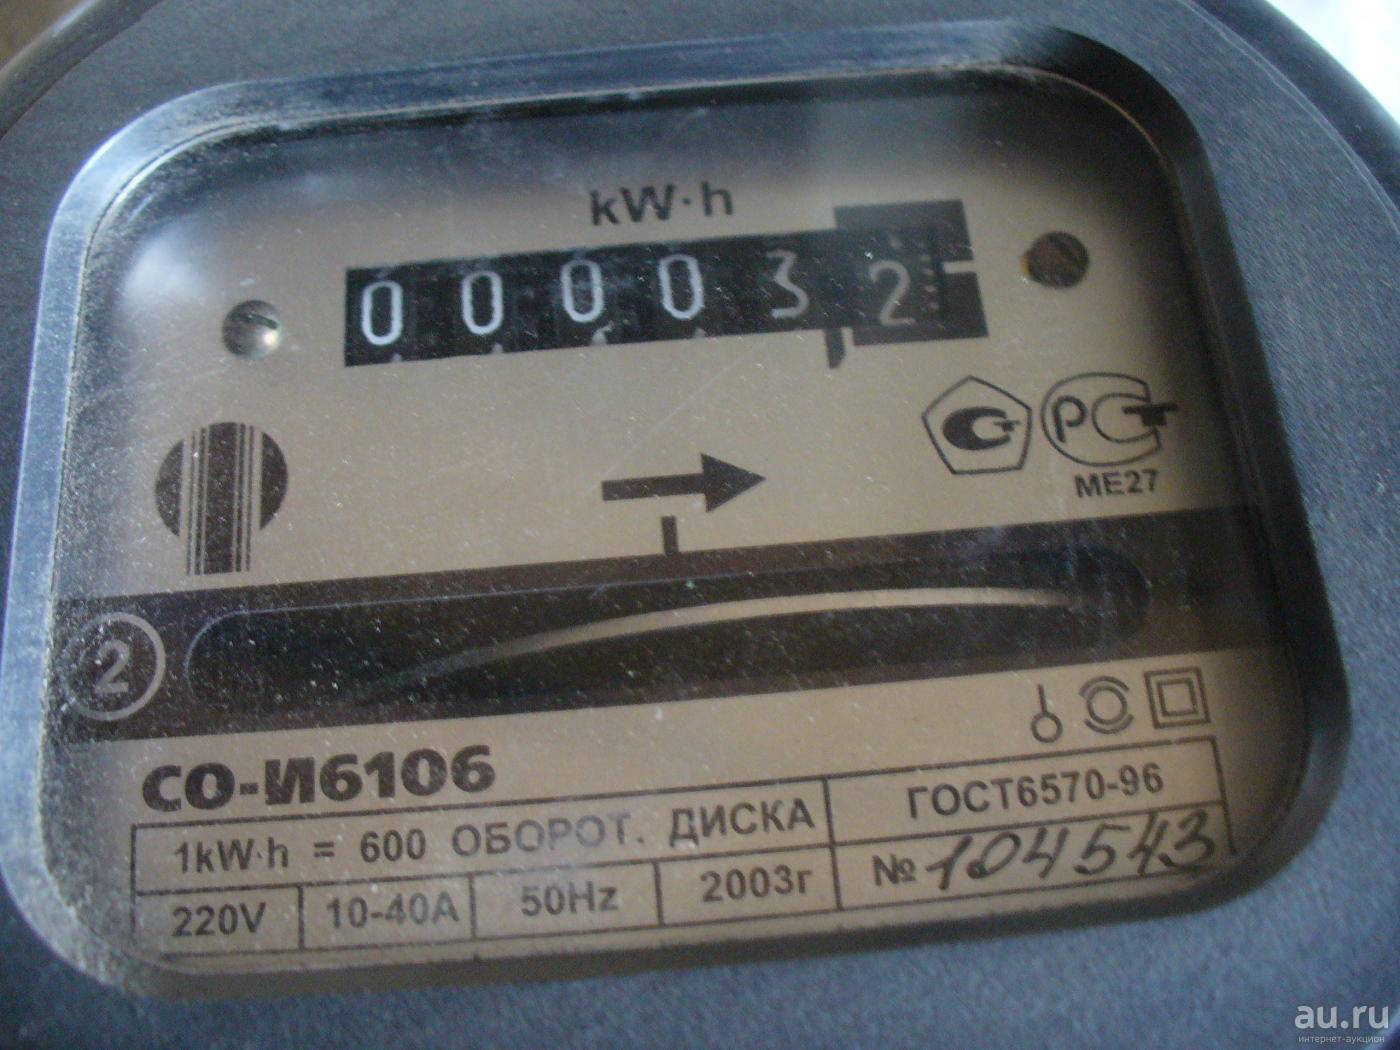 Как узнать межповерочный интервал счетчика электроэнергии